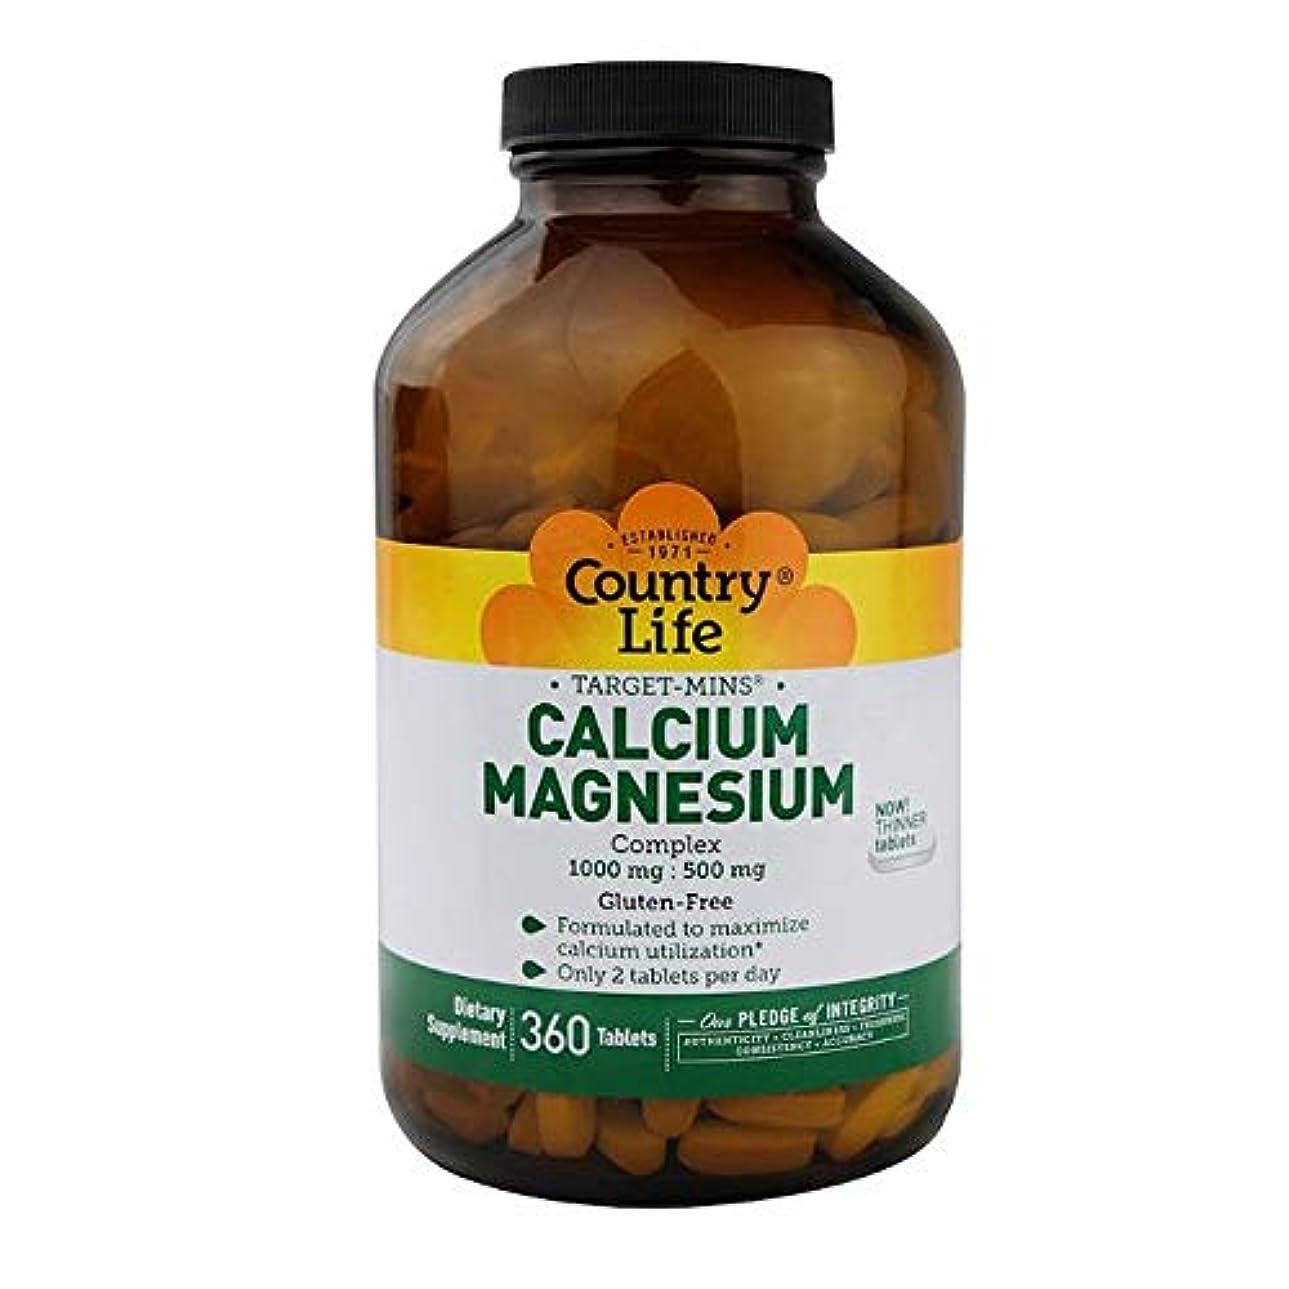 用量有望悲しむCountry Life ターゲット ミネラル カルシウム マグネシウム 複合体 360錠 【アメリカ直送】